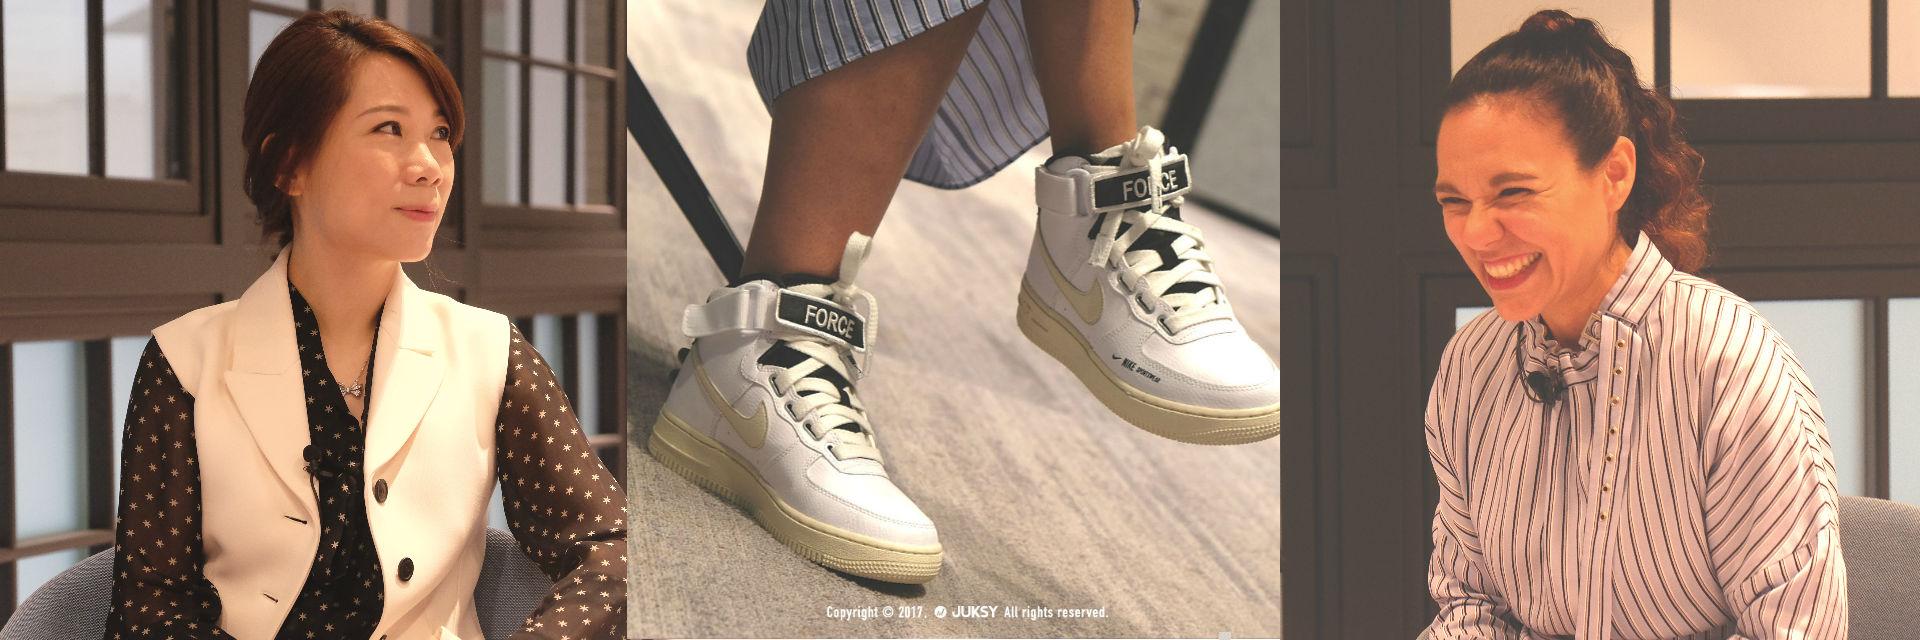 JUKSY 訪談 Nike 全球副總裁:面對強敵環伺的球鞋市場,Nike 的下一步是...?